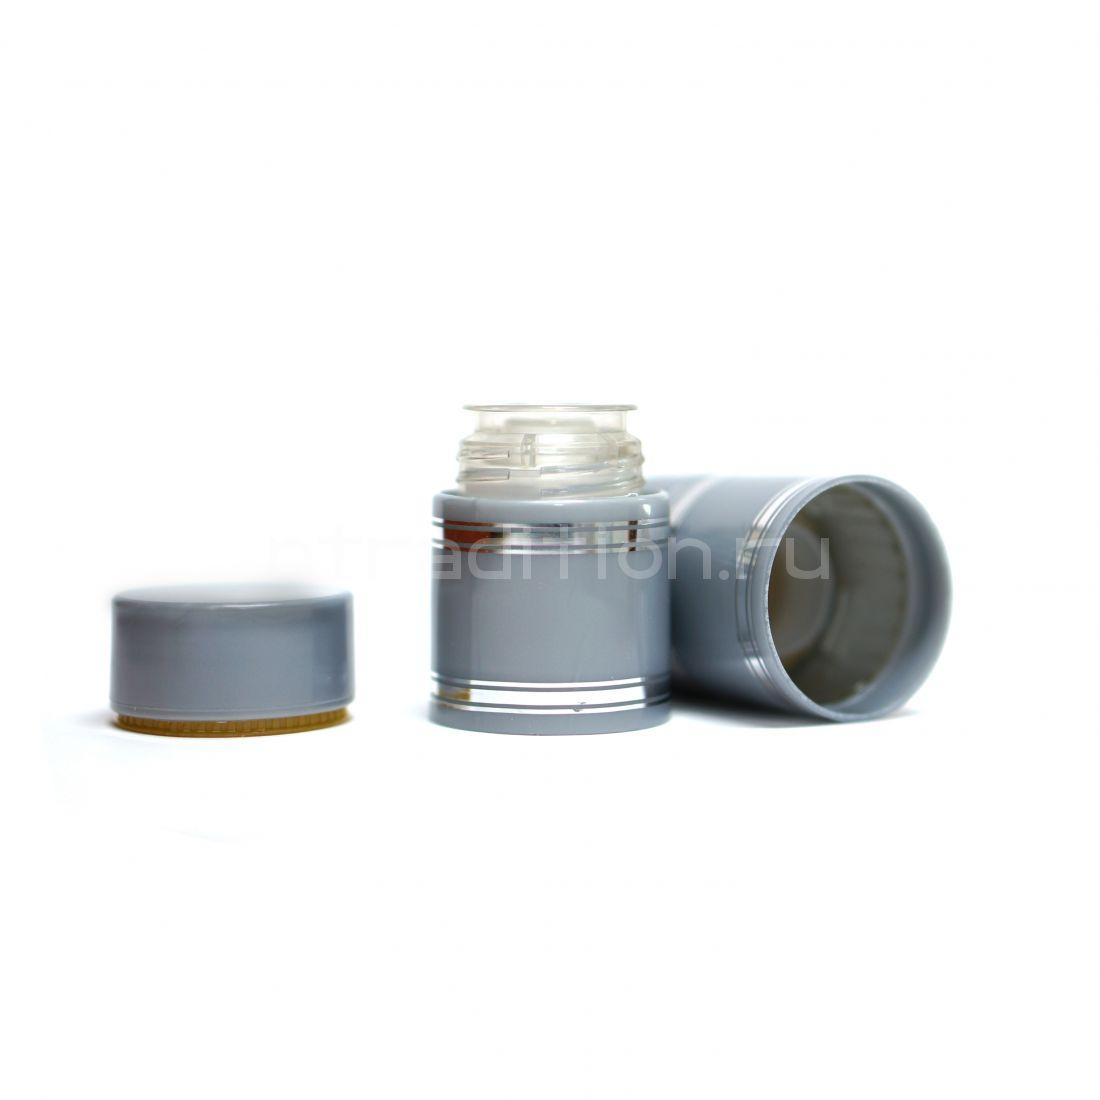 Полимерный колпачок с дозатором серый Гуала 47 мм) / 10 шт